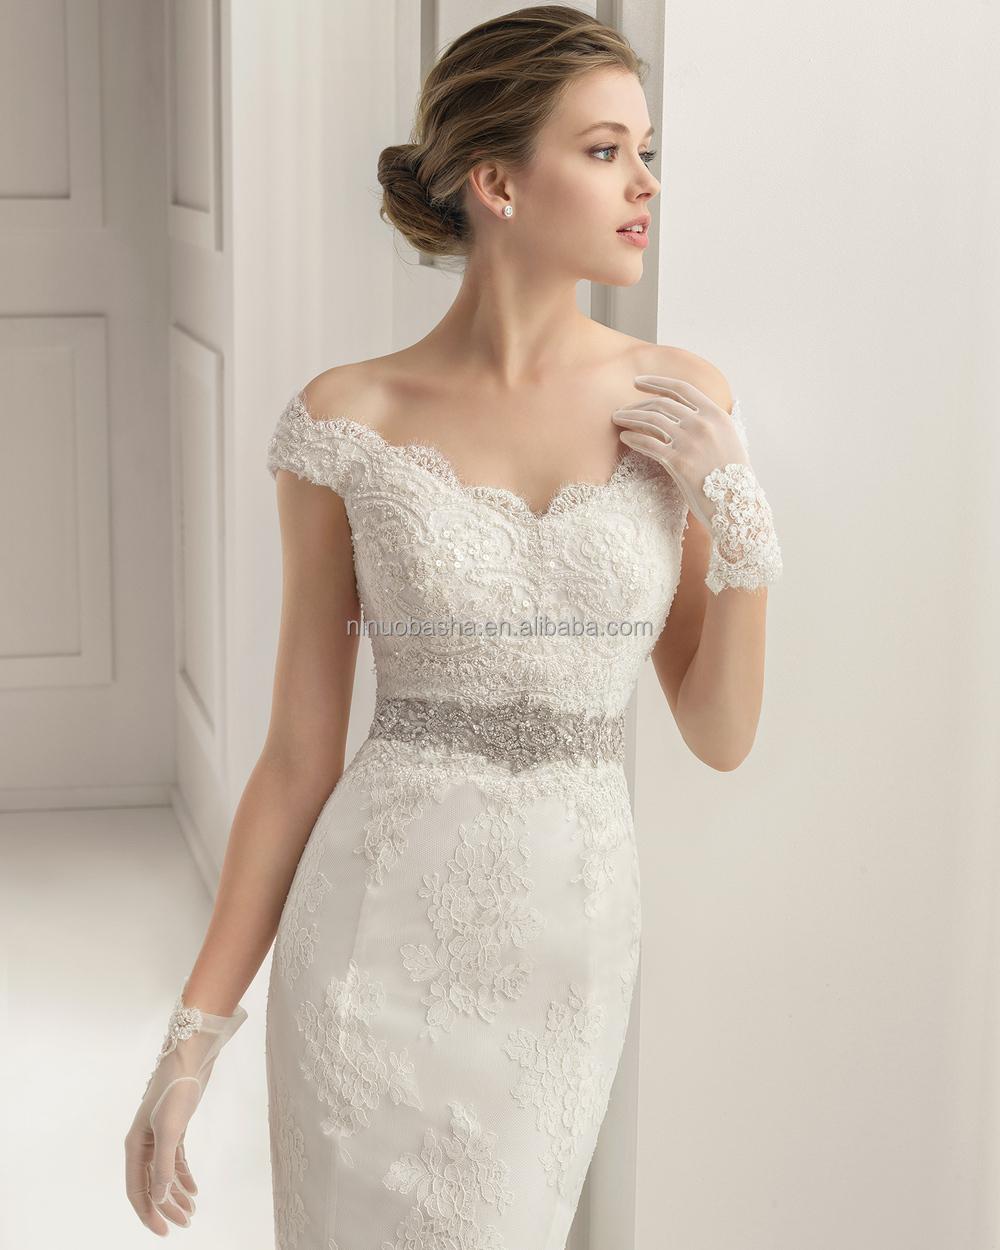 Stylish 2015 Lace Mermaid Wedding Dress V-neck Off-shoulder Cap ...